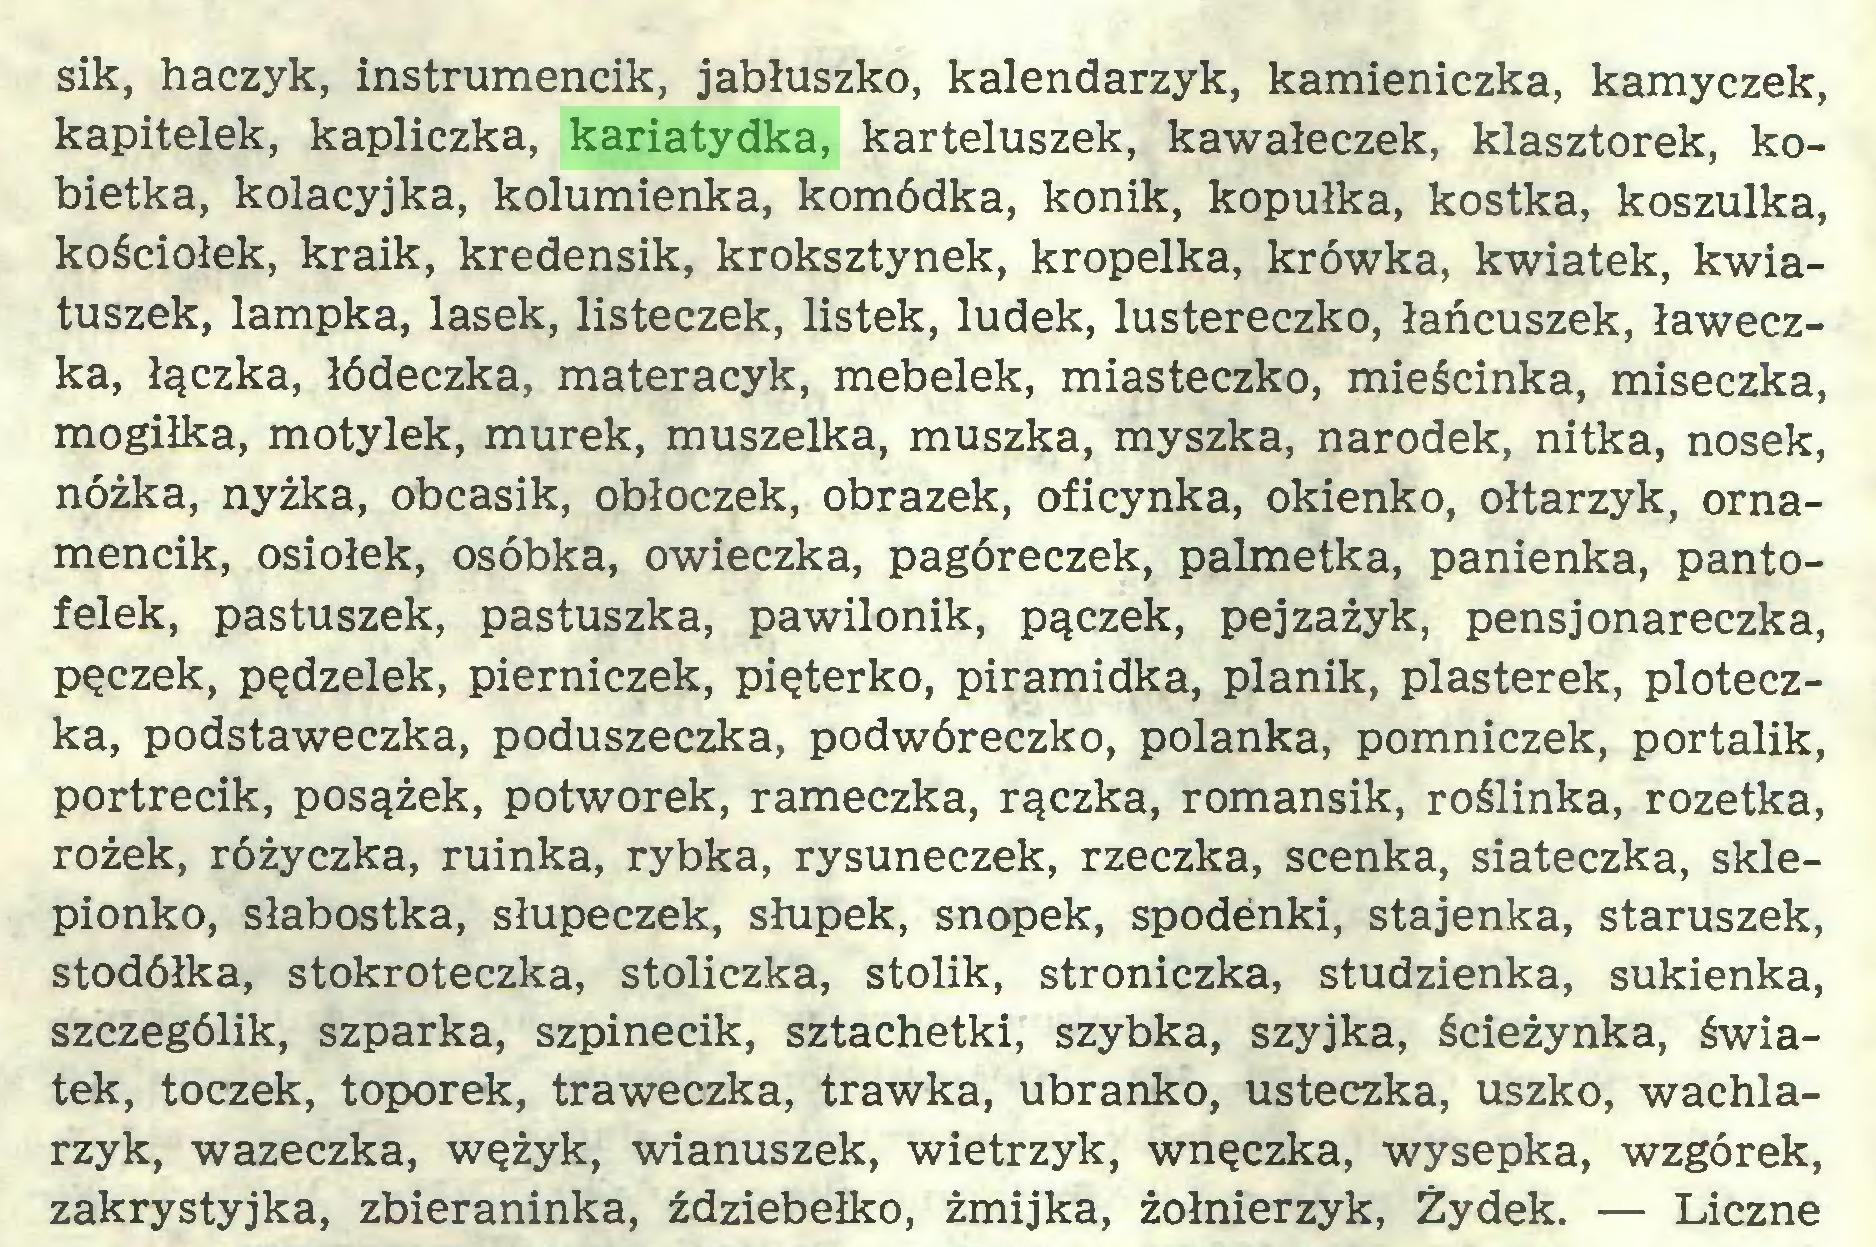 (...) sik, haczyk, instrumencik, jabłuszko, kalendarzyk, kamieniczka, kamyczek, kapitelek, kapliczka, kariatydka, karteluszek, kawałeczek, klasztorek, kobietka, kolacyjka, kolumienka, komódka, konik, kopułka, kostka, koszulka, kościółek, kraik, kredensik, kroksztynek, kropelka, krówka, kwiatek, kwiatuszek, lampka, lasek, listeczek, listek, ludek, lustereczko, łańcuszek, ławeczka, łączka, łódeczka, materacyk, mebelek, miasteczko, mieścinka, miseczka, mogiłka, motylek, murek, muszelka, muszka, myszka, narodek, nitka, nosek, nóżka, nyżka, obcasik, obłoczek, obrazek, oficynka, okienko, ołtarzyk, ornamencik, osiołek, osóbka, owieczka, pagóreczek, palmetka, panienka, pantofelek, pastuszek, pastuszka, pawilonik, pączek, pejzażyk, pensjonareczka, pęczek, pędzelek, pierniczek, pięterko, piramidka, planik, plasterek, ploteczka, podstaweczka, poduszeczka, podwóreczko, polanka, pomniczek, portalik, portrecik, posążek, potworek, rameczka, rączka, romansik, roślinka, rozetka, rożek, różyczka, ruinka, rybka, rysuneczek, rzeczka, scenka, siateczka, sklepionko, słabostka, słupeczek, słupek, snopek, spodenki, stajenka, staruszek, stodółka, stokroteczka, stoliczka, stolik, stroniczka, studzienka, sukienka, szczególik, szparka, szpinecik, sztachetki, szybka, szyjka, ścieżynka, światek, toczek, toporek, traweczka, trawka, ubranko, usteczka, uszko, wachlarzyk, wazeczka, wężyk, wianuszek, wietrzyk, wnęczka, wysepka, wzgórek, zakrystyjka, zbieraninka, ździebełko, żmijka, żołnierzyk, Żydek. — Liczne...